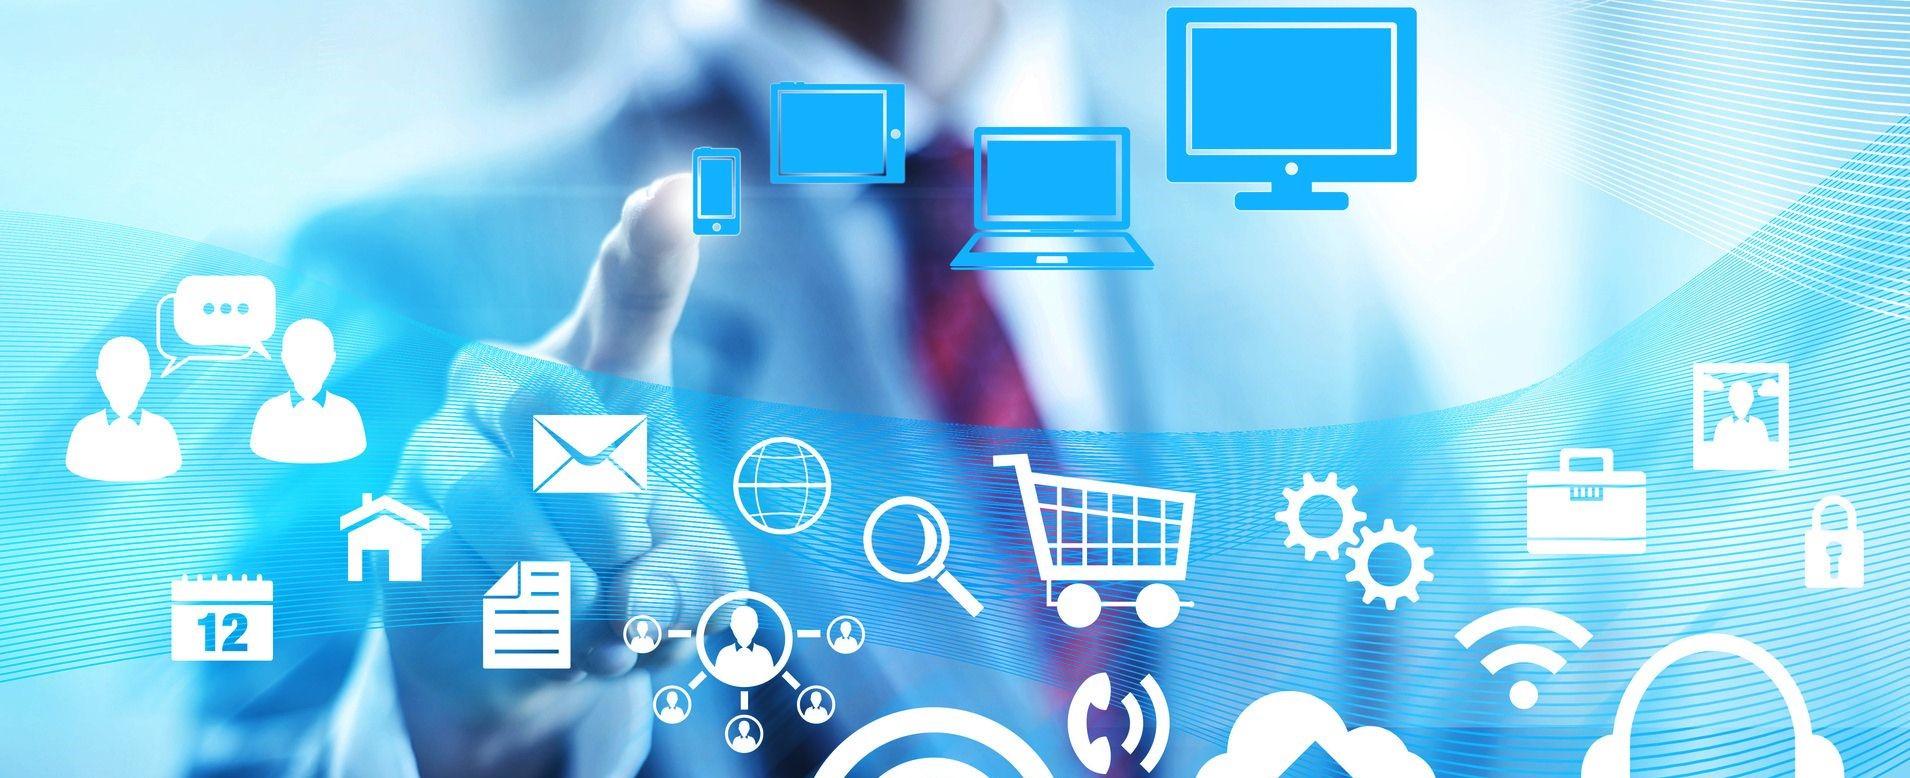 7 Strategi Pemasaran Produk yang Efektif dan Efisien